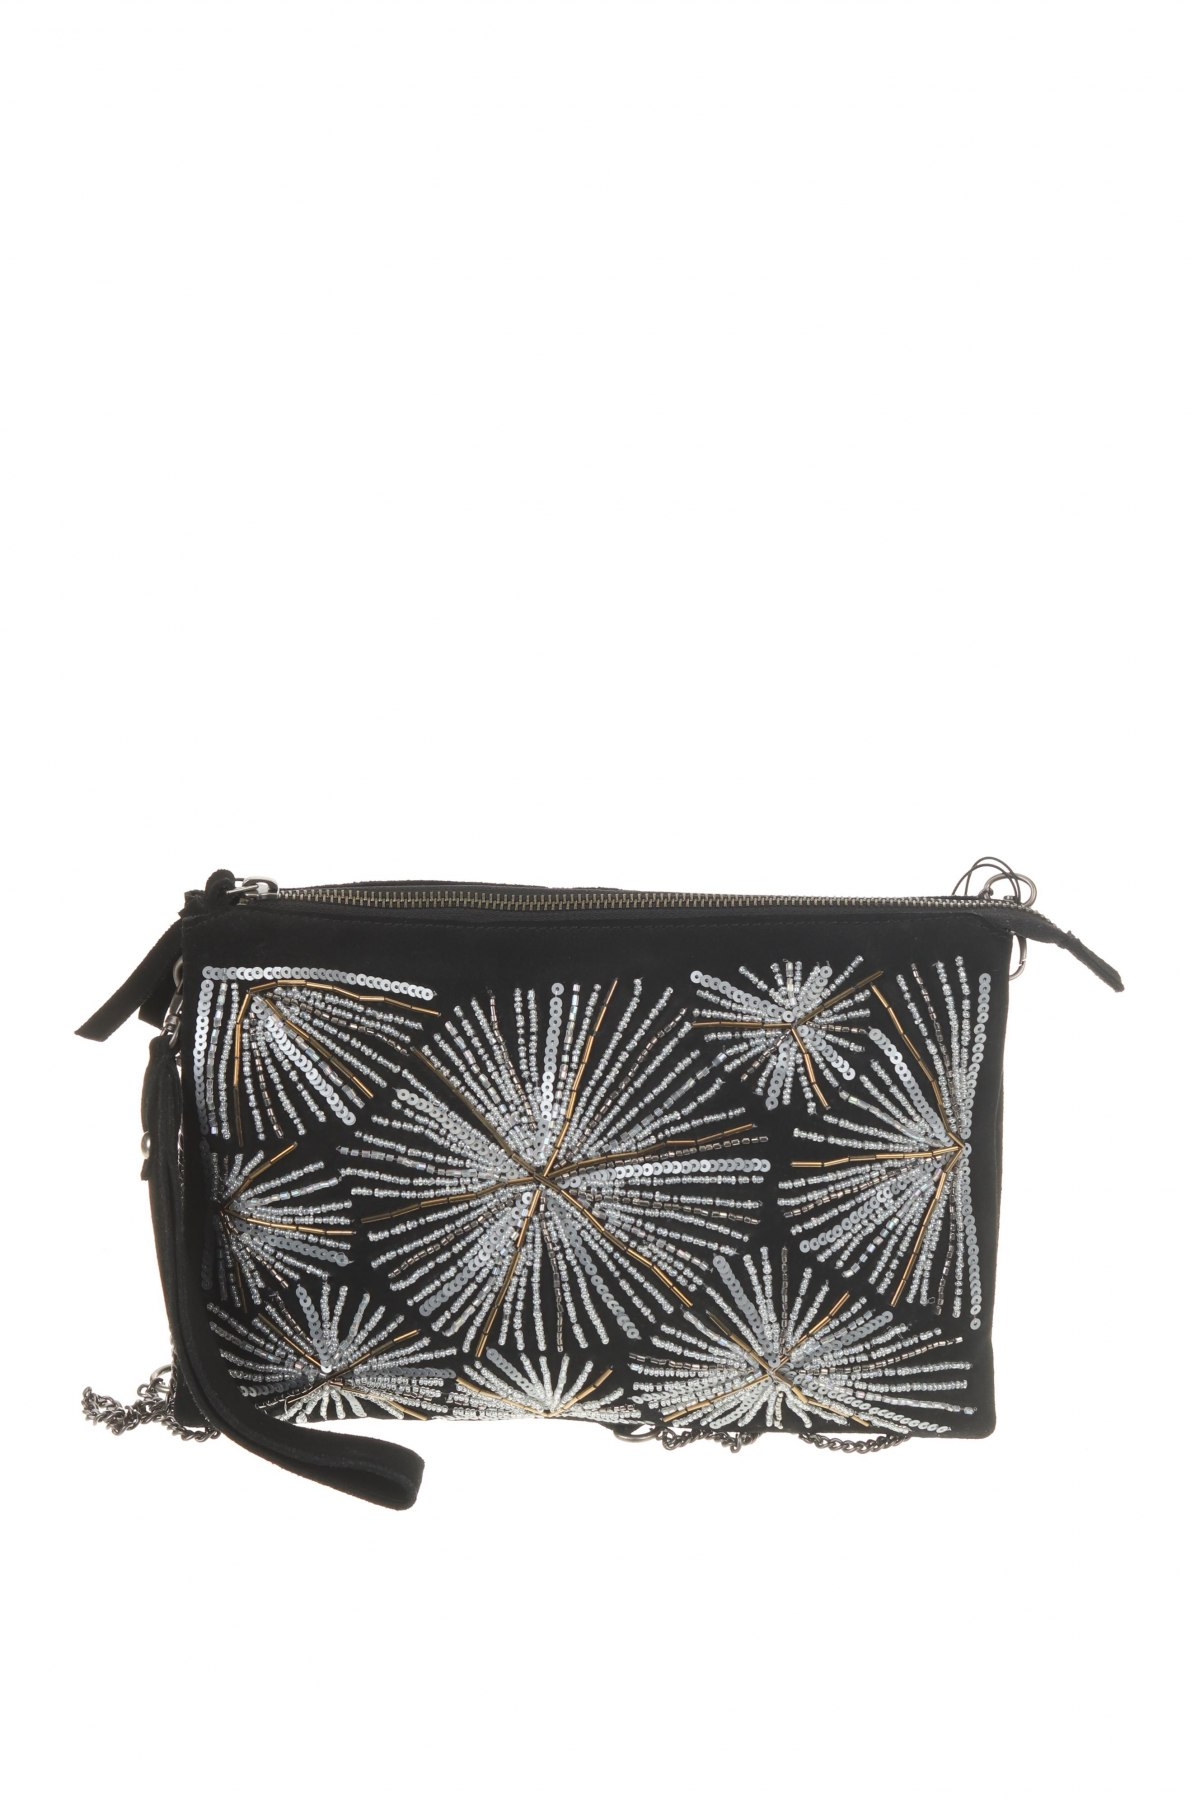 Дамска чанта Parfois, Цвят Черен, Естествен велур, Цена 35,60лв.